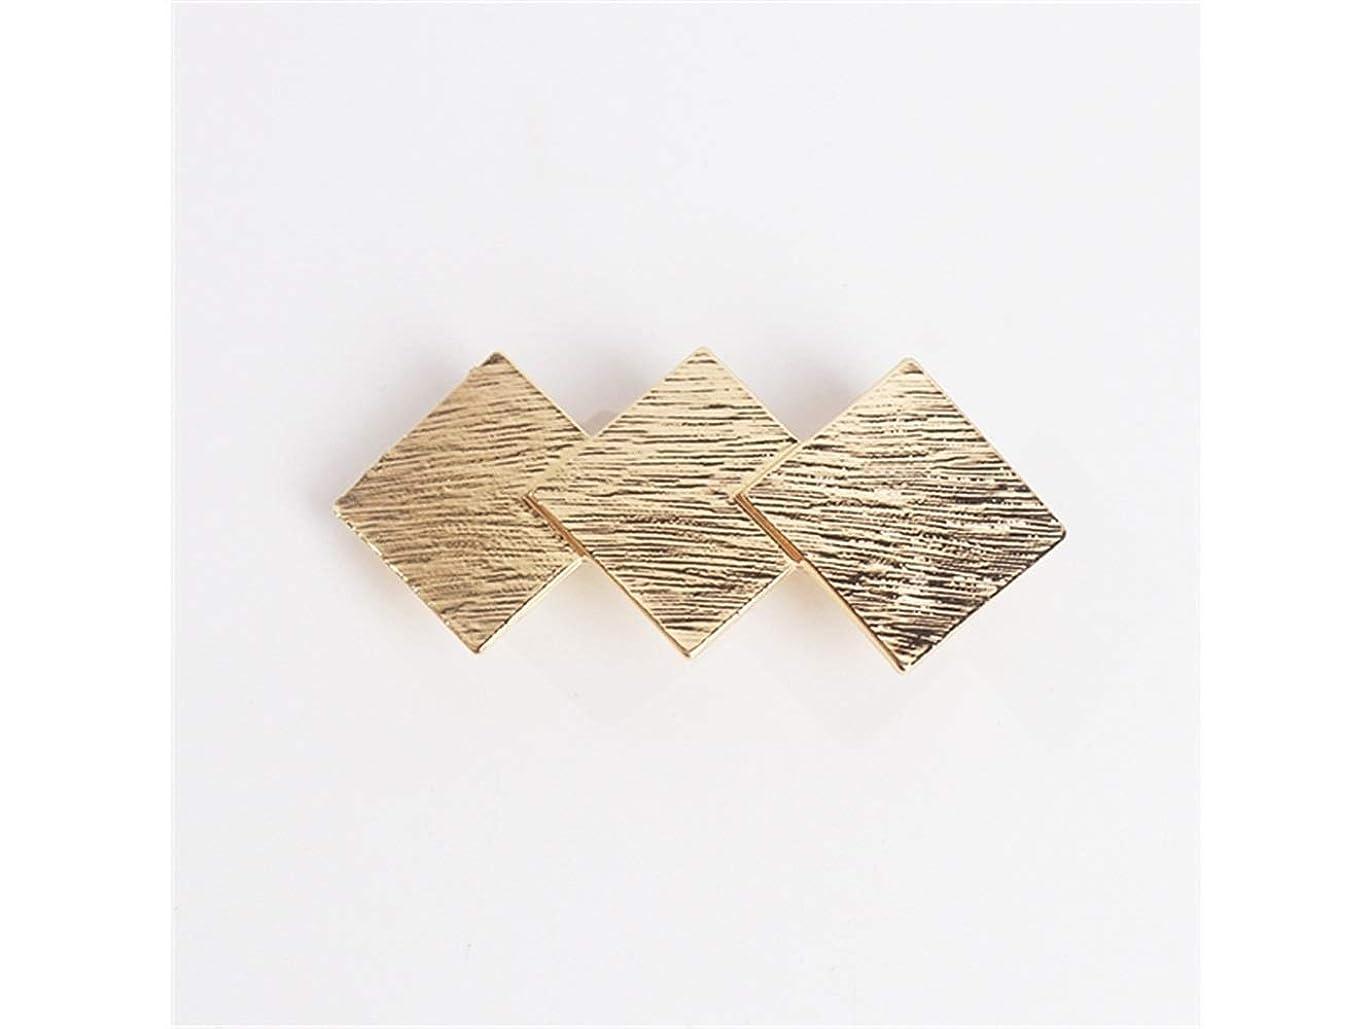 特徴づけるロマンチックポーズOsize 美しいスタイル 合金春単純な幾何学スクエアトップクリップポニーテールヘアクリップクリップ(ゴールデン)